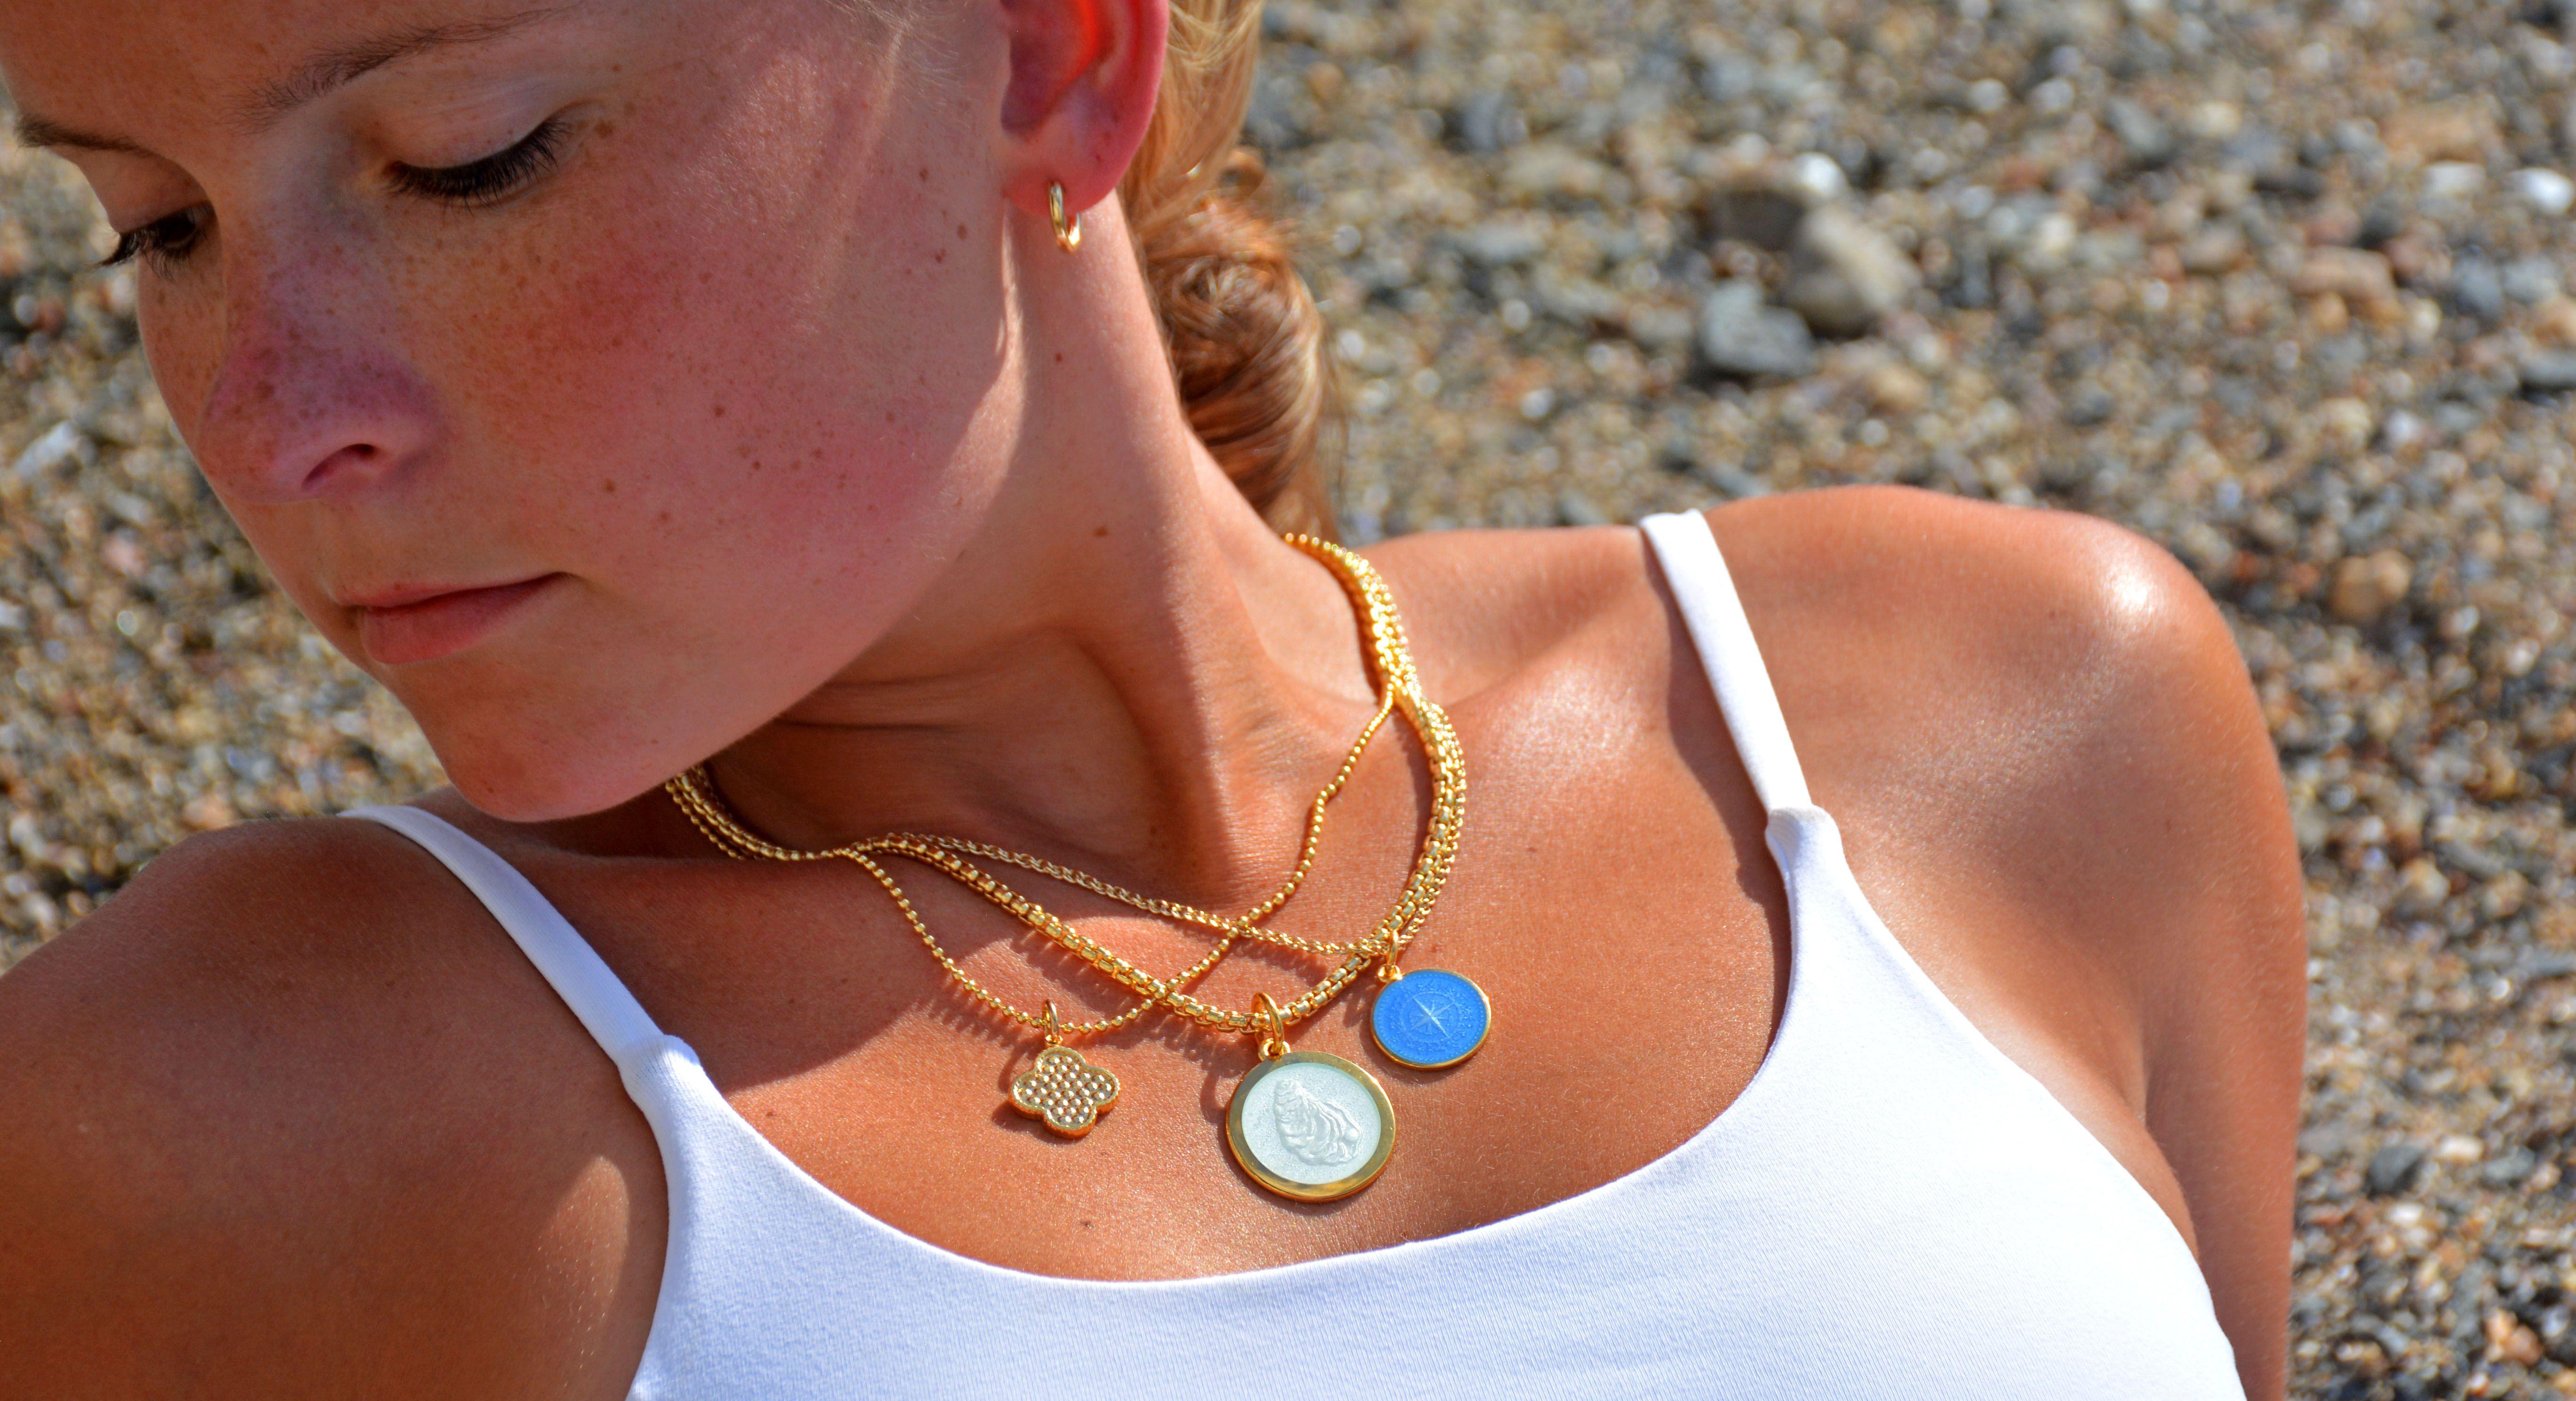 Gold Hoop Earrings In 2020 Gold Hoop Earrings Jewelry 18k Jewelry